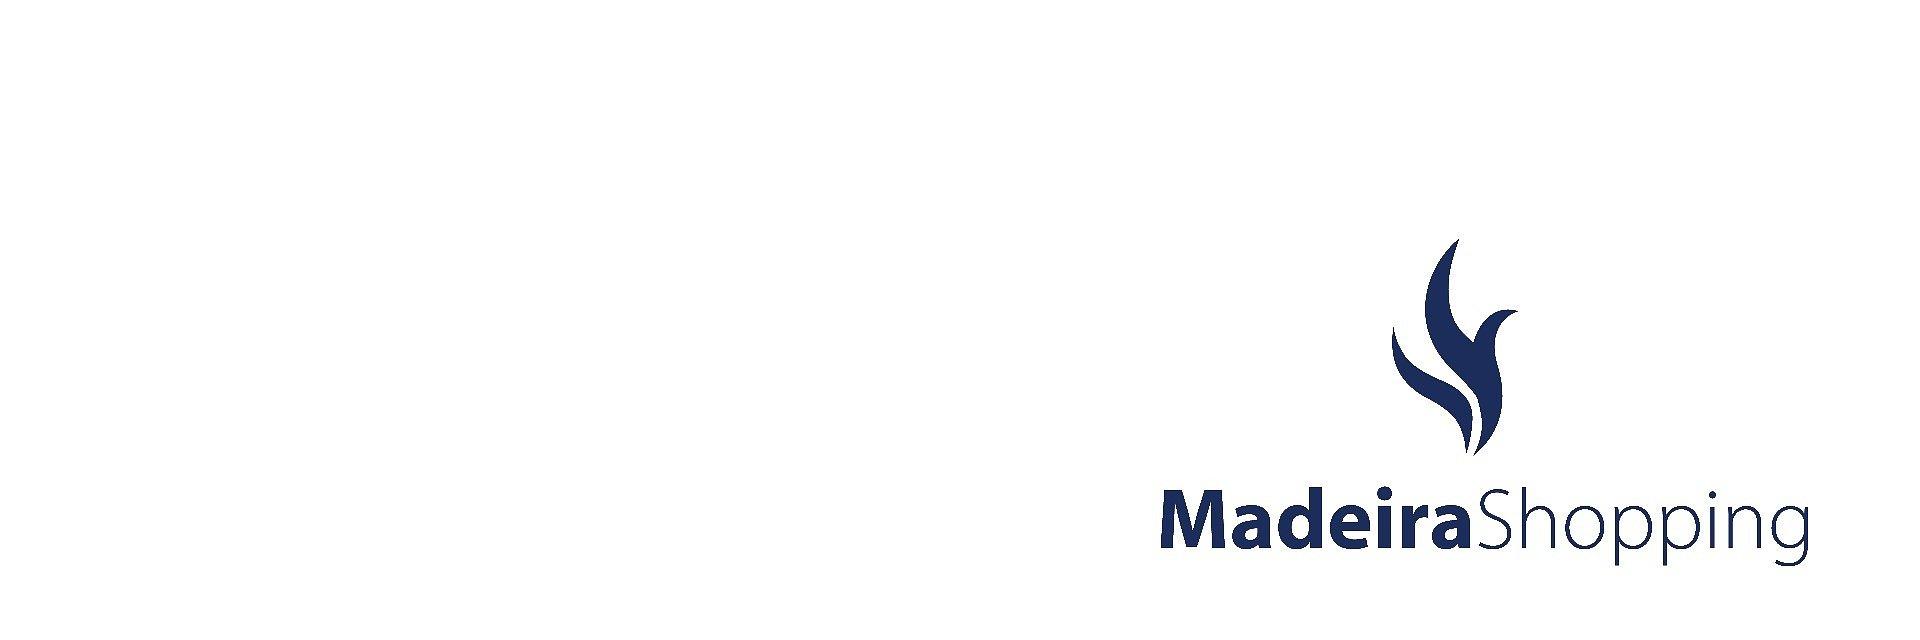 MadeiraShopping implementou medidas adicionais para garantir segurança de visitantes, lojistas e colaboradores